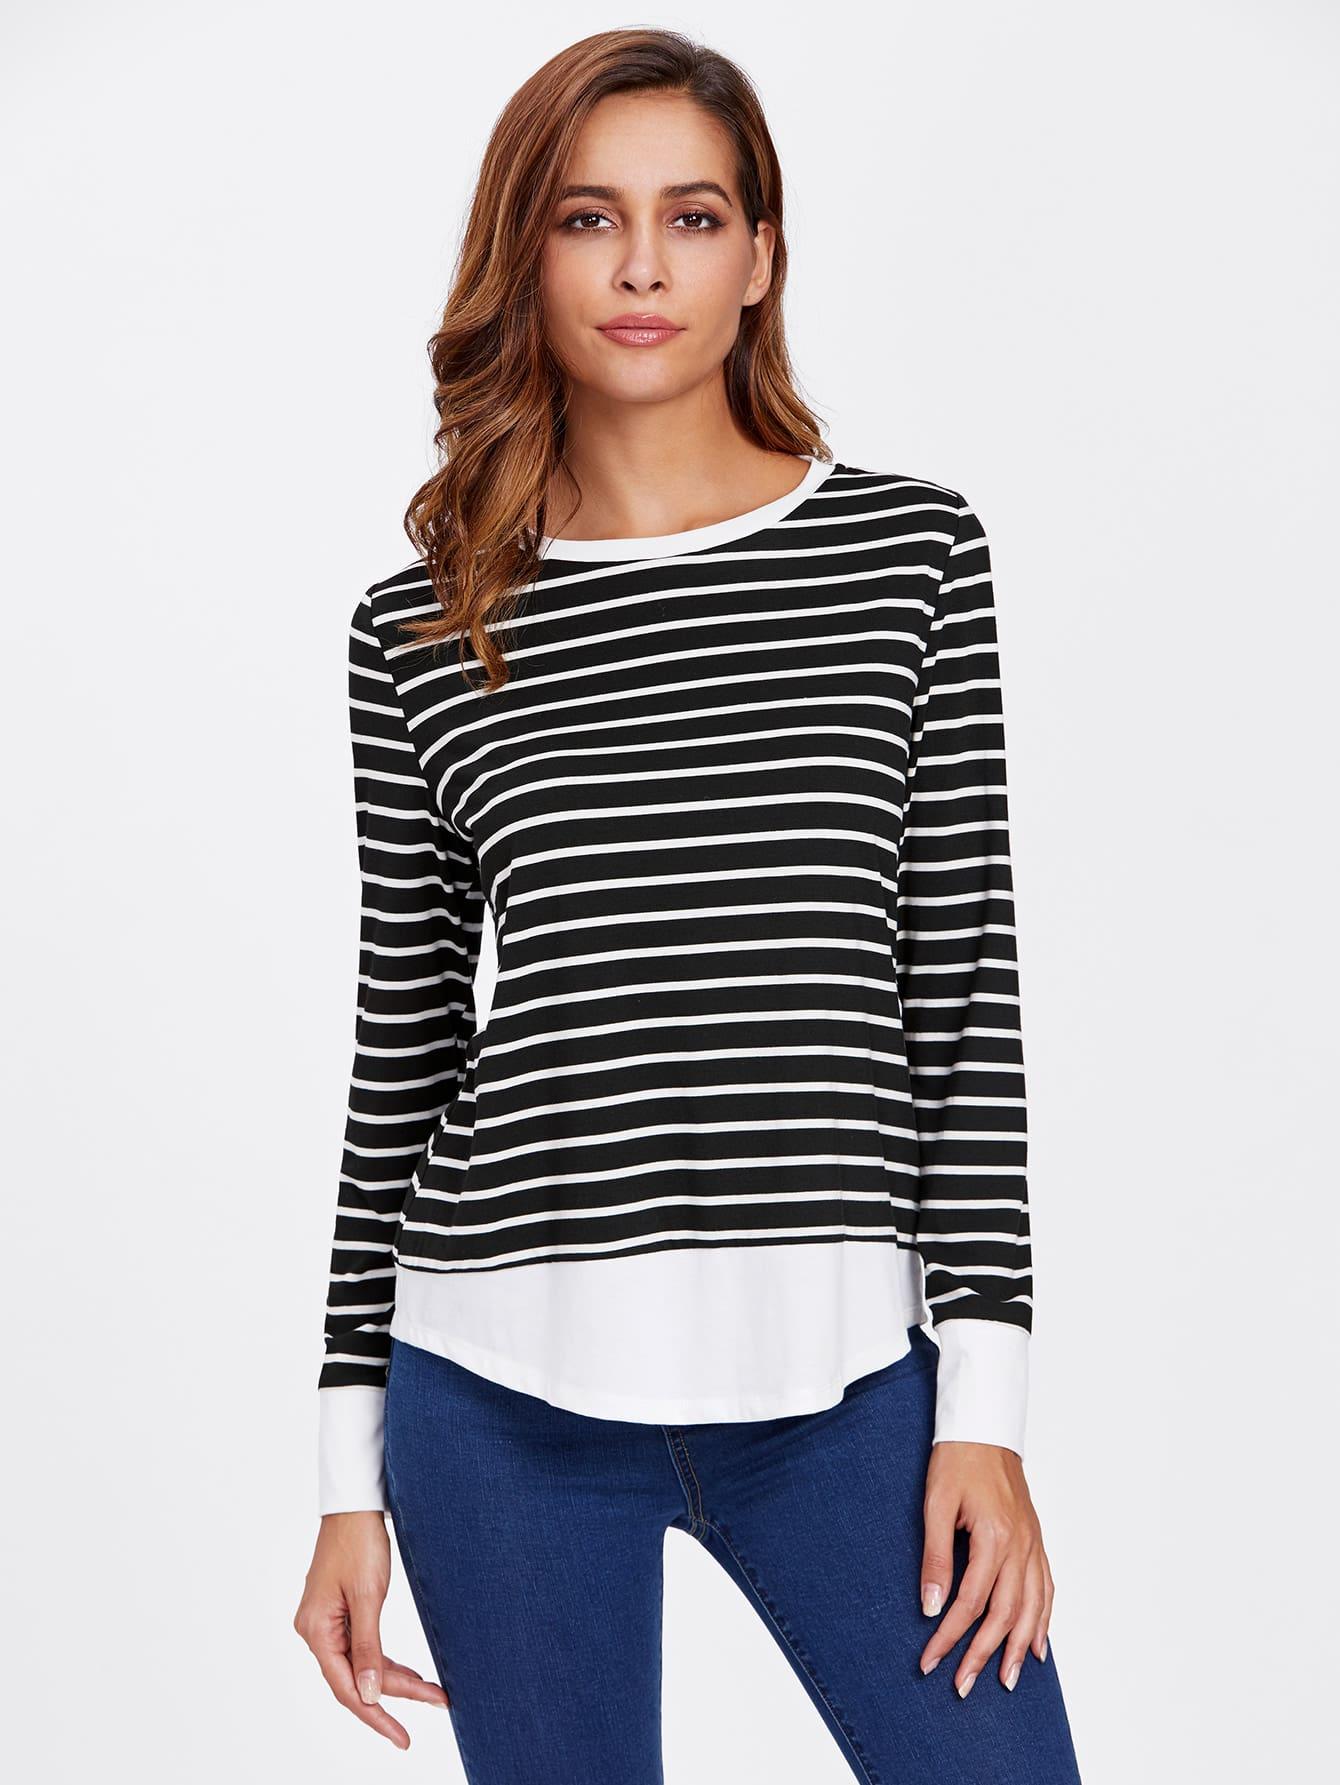 Contrast Trim Striped T-shirt giulia t shirt scollo v manica corta черный